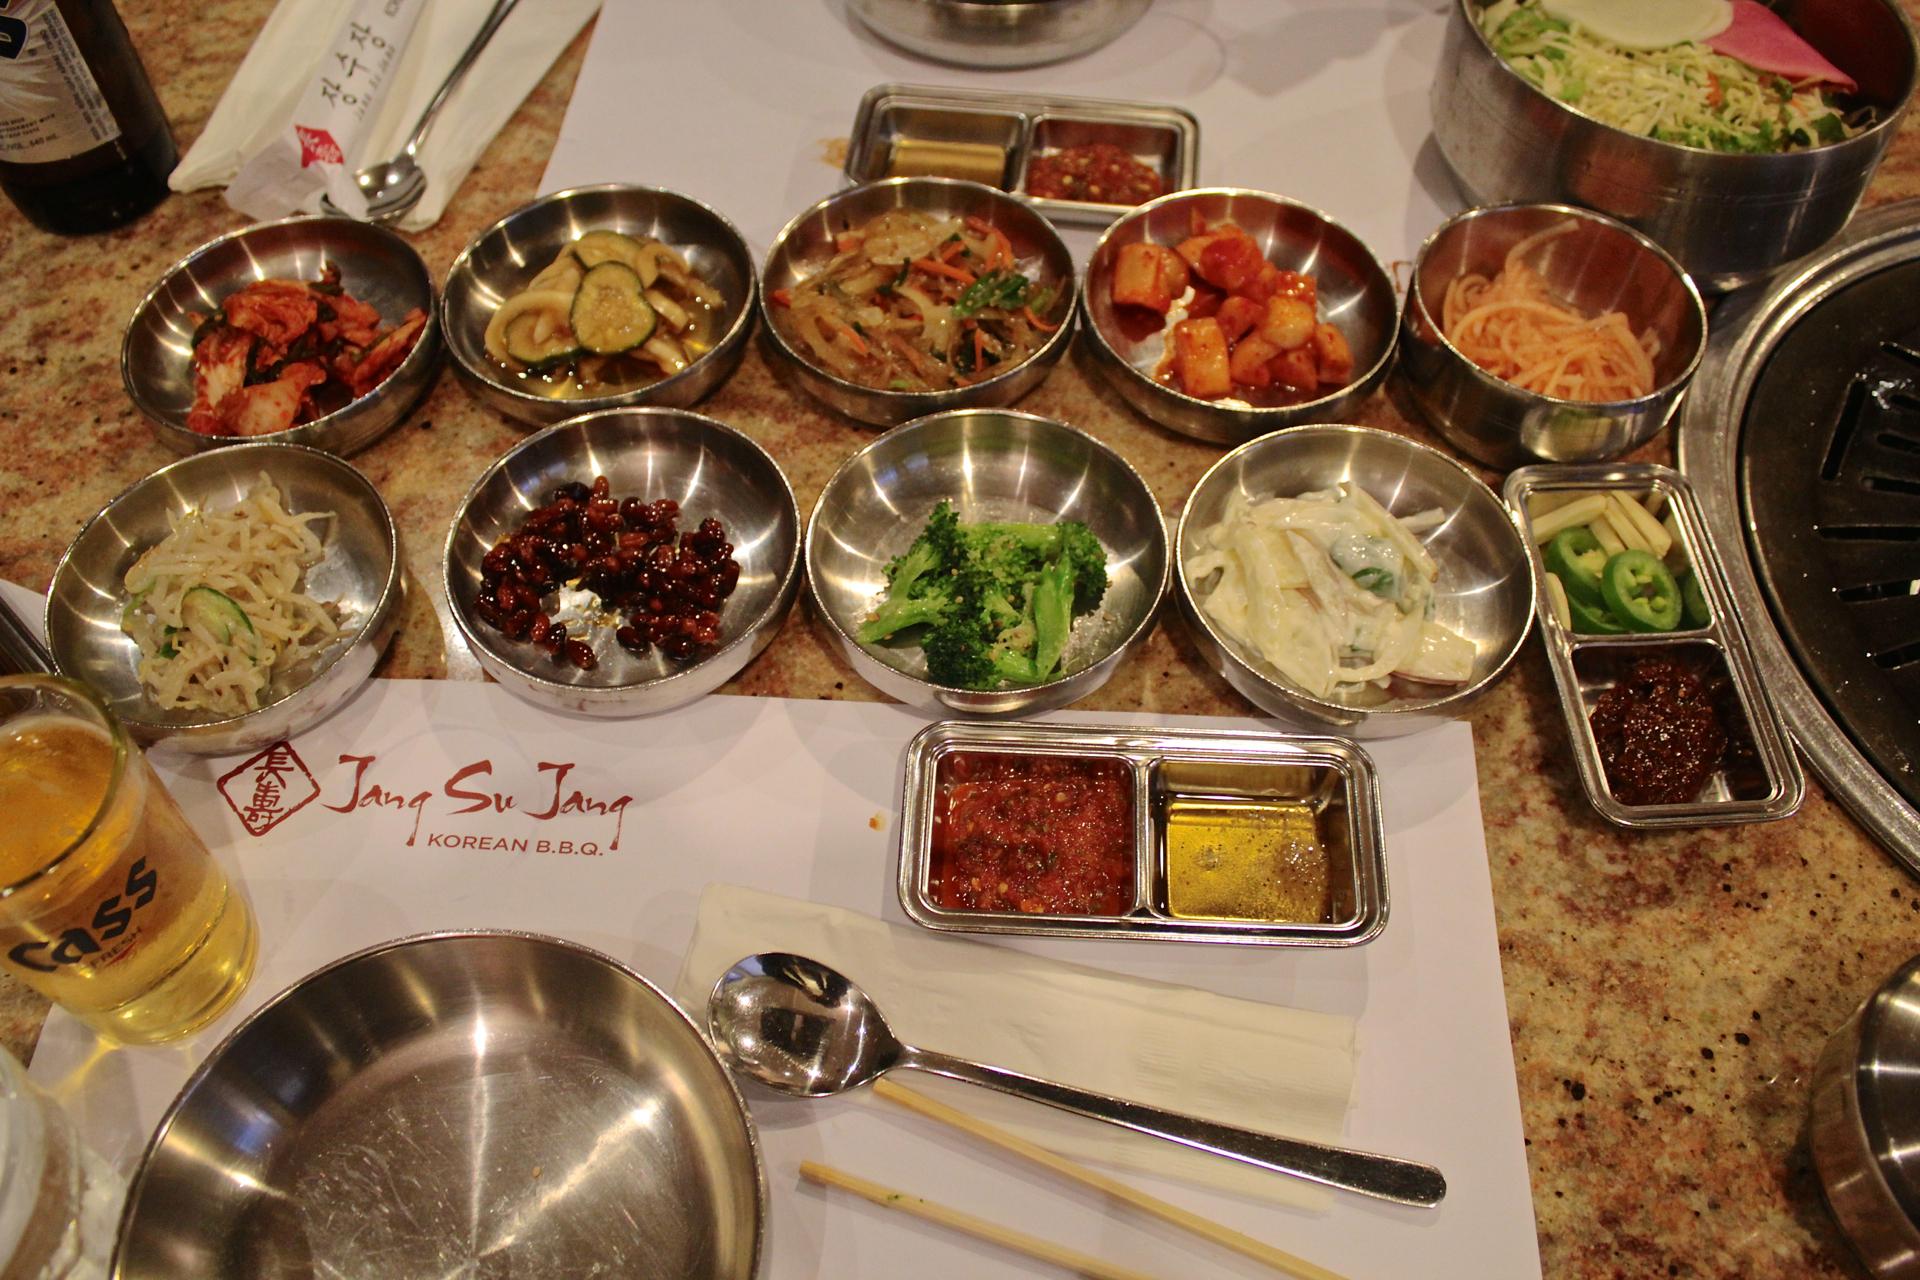 The banchan selections at Jang Su Jang.